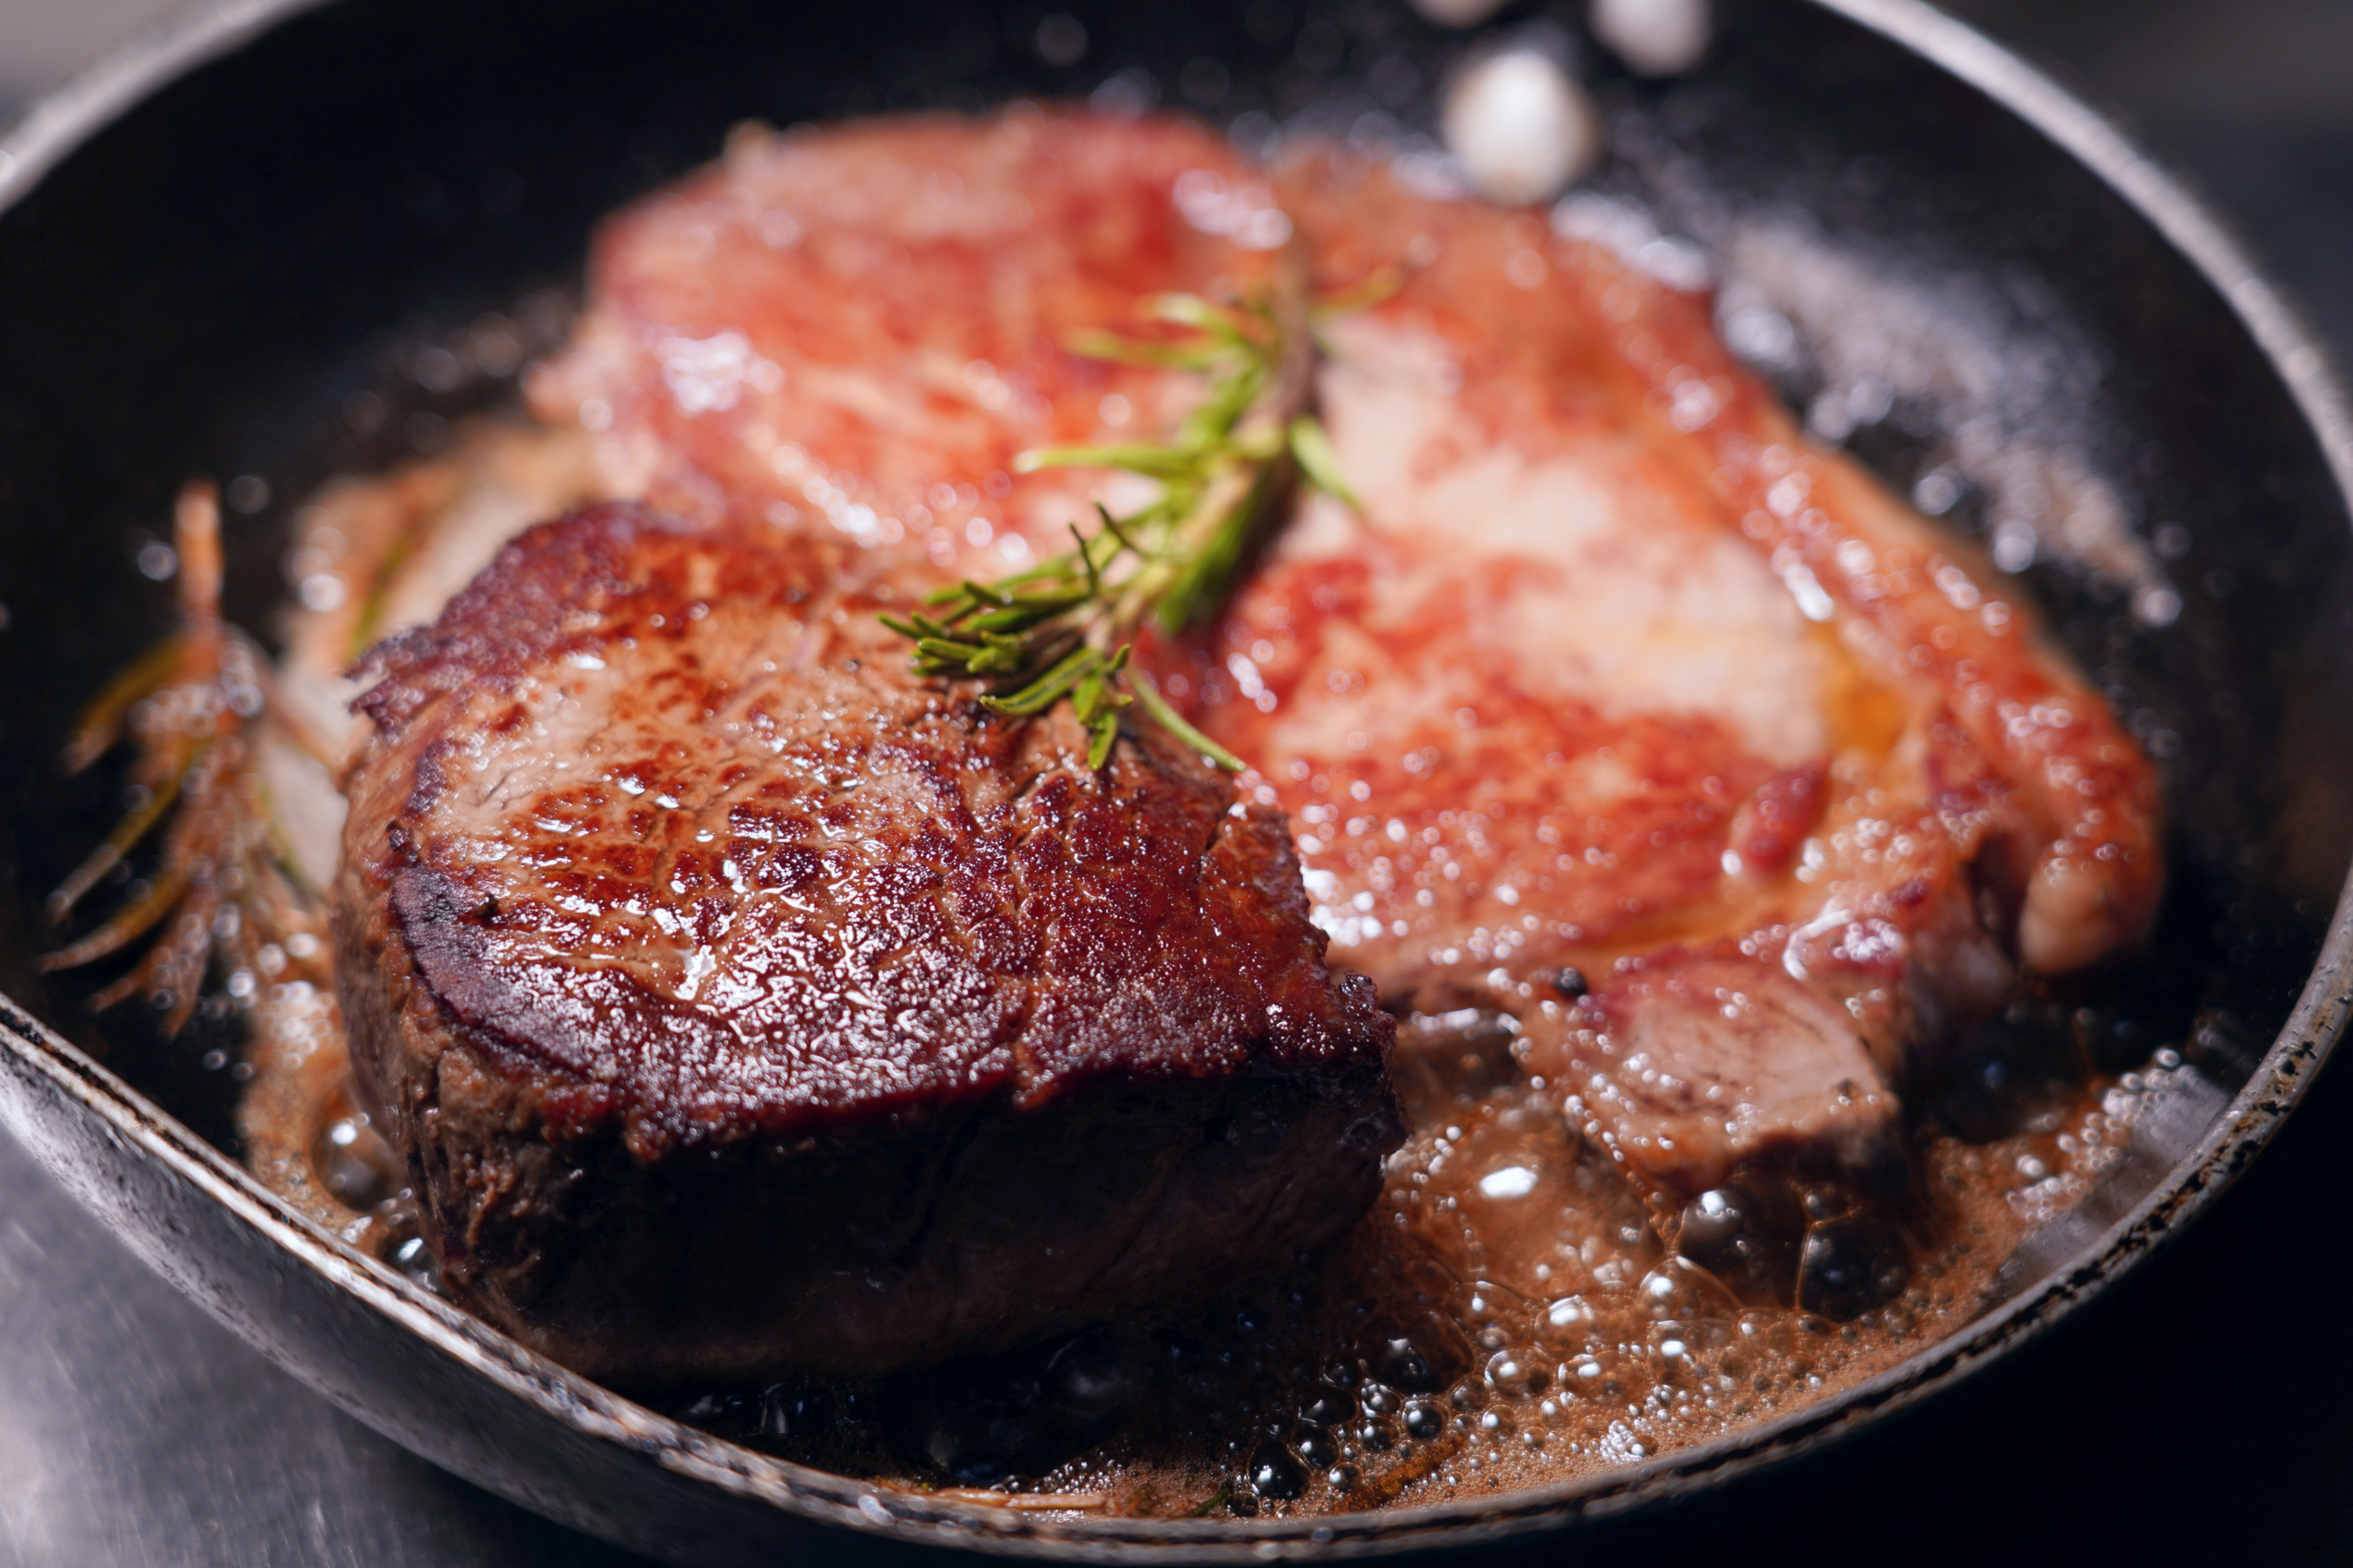 Steak at Antico